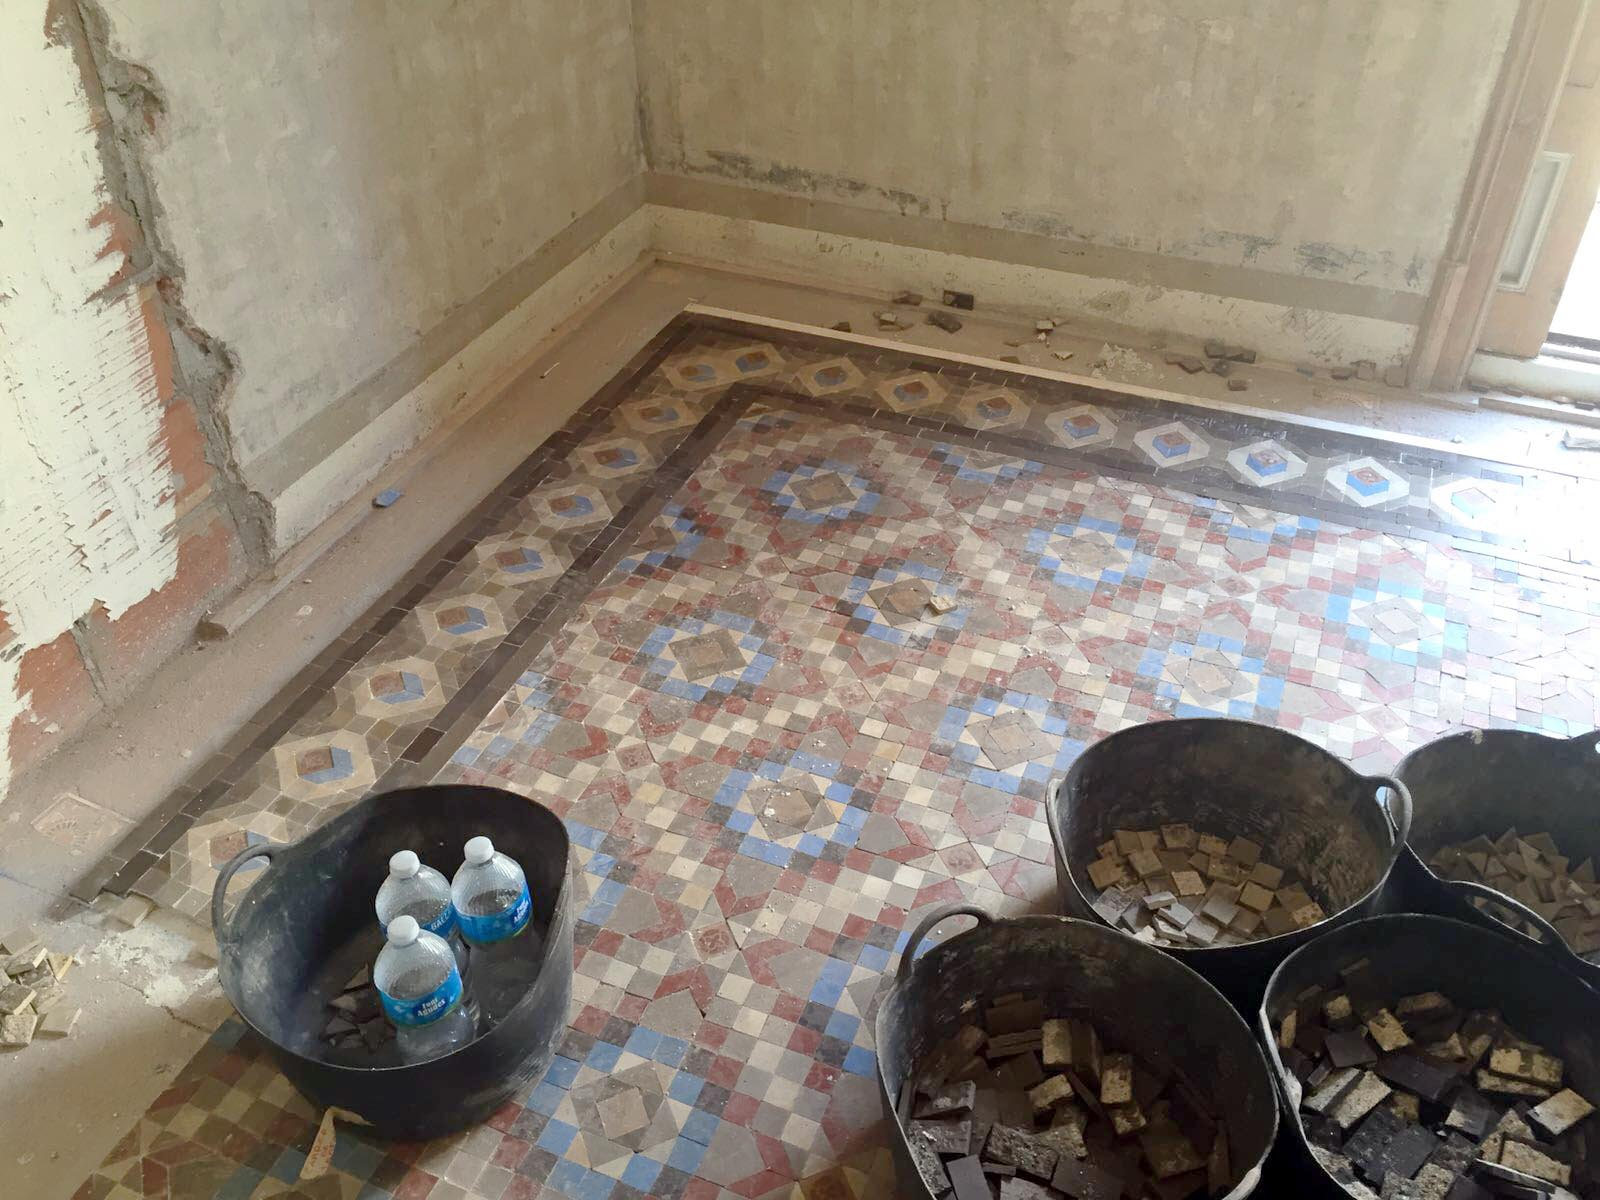 MosaicosBarcelona-Recuperacion-suelo-nolla-en-vivienda-calle-Trafalgar-Barcelona-18